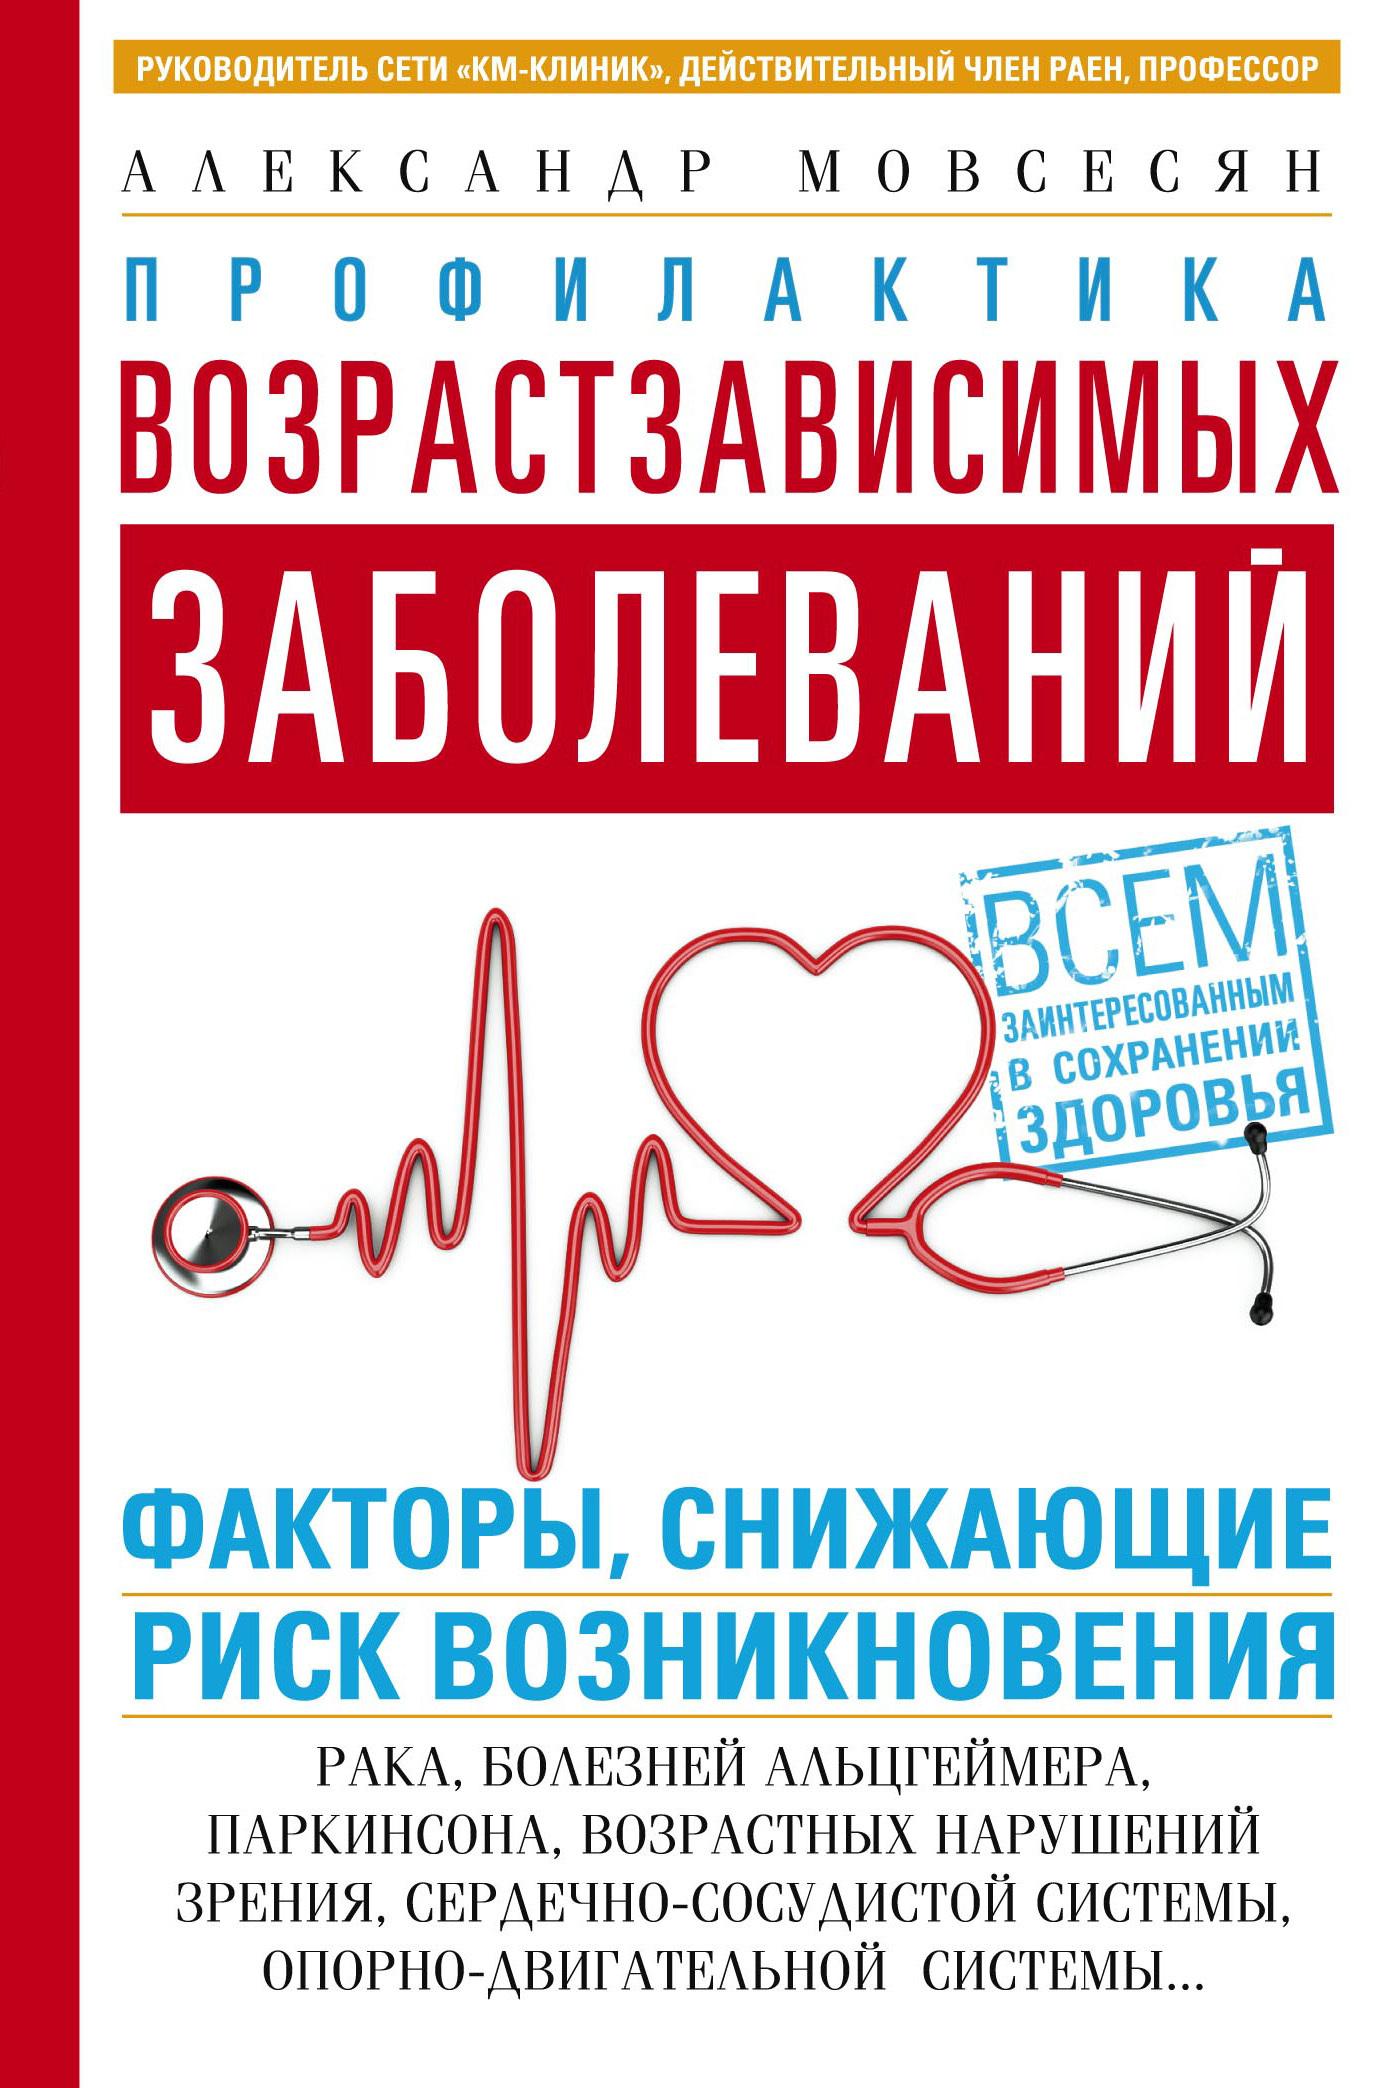 Александр Мовсесян - Профилактика возрастзависимых заболеваний. Факторы, снижающие риск возникновения: рака, болезней Альцгеймера, Паркинсона, возрастных нарушений зрения, сердечно-сосудистой, опорно-двигательной системы…